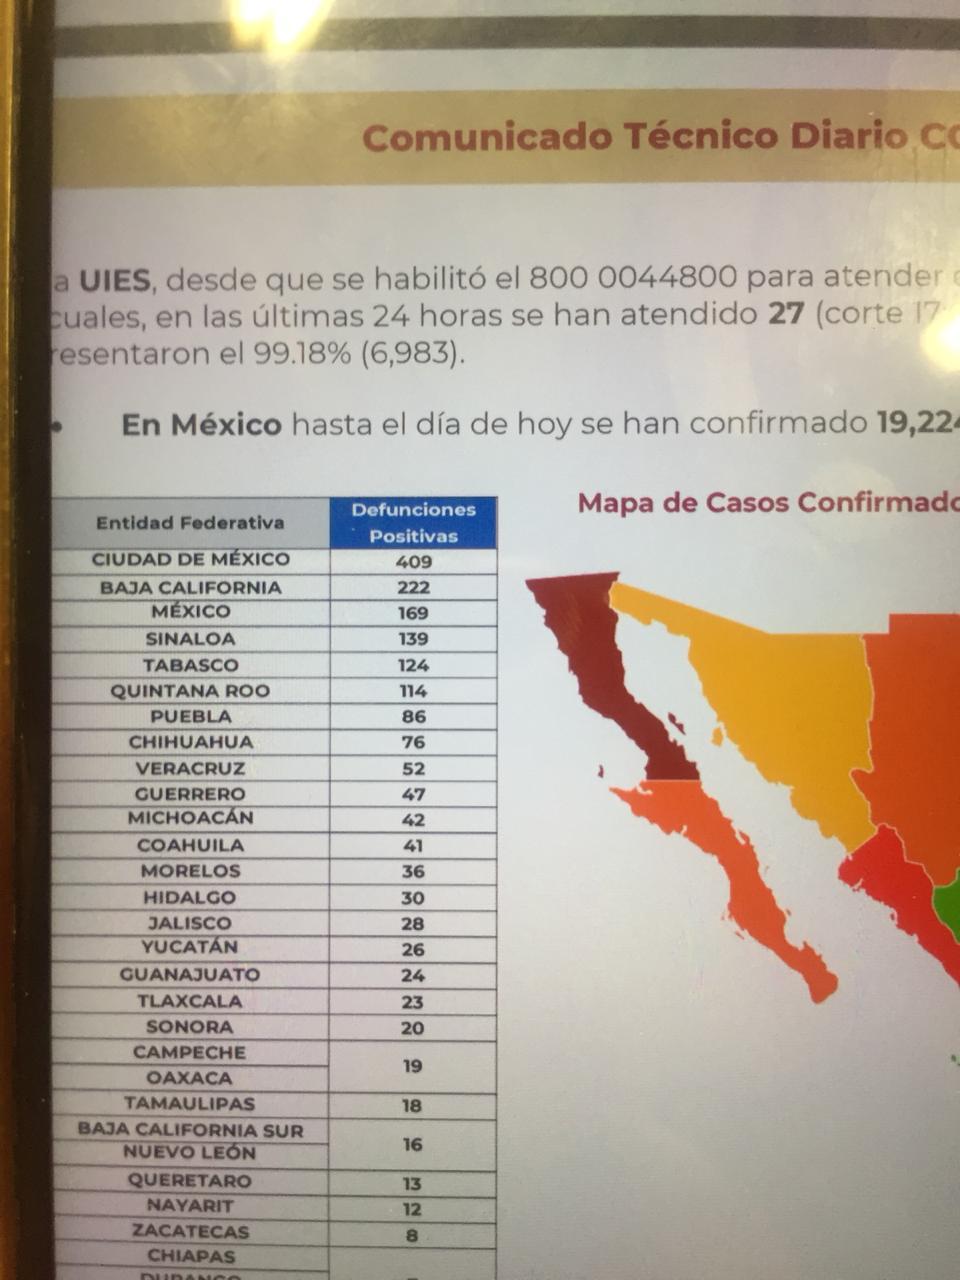 Nada detiene los fallecimientos ni los contagios: México llega a 19 mil 224 casos y a mil 859 defunciones por Covid19